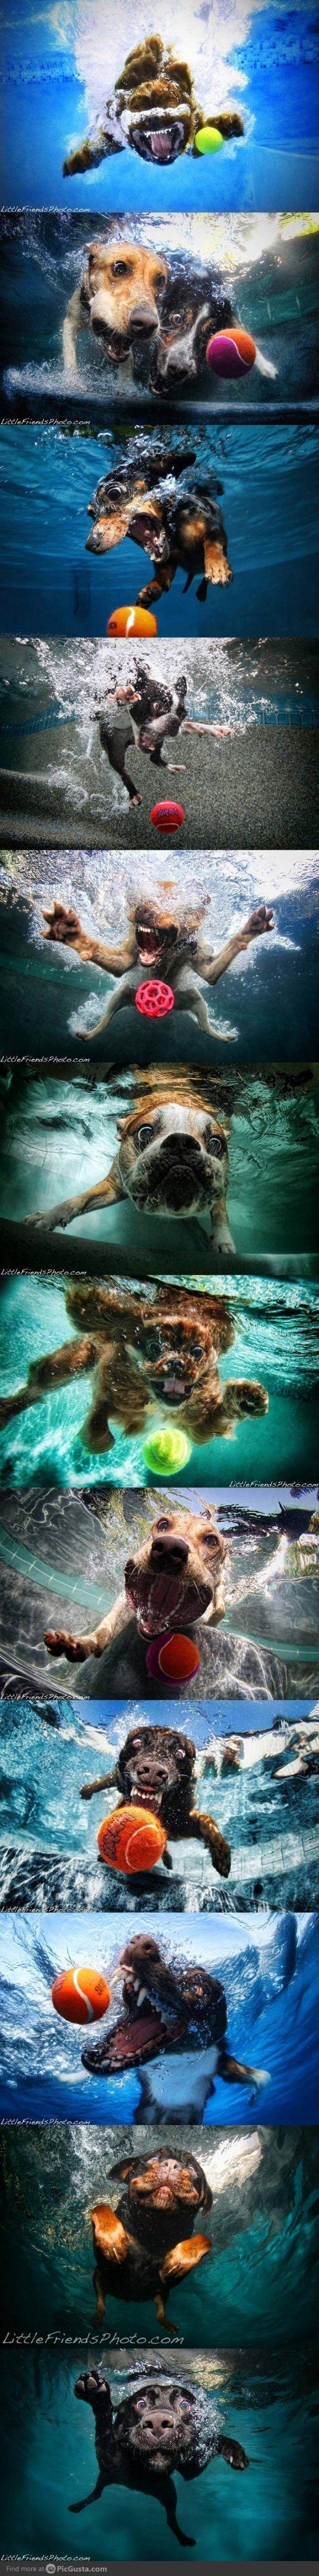 Perros acuaticos